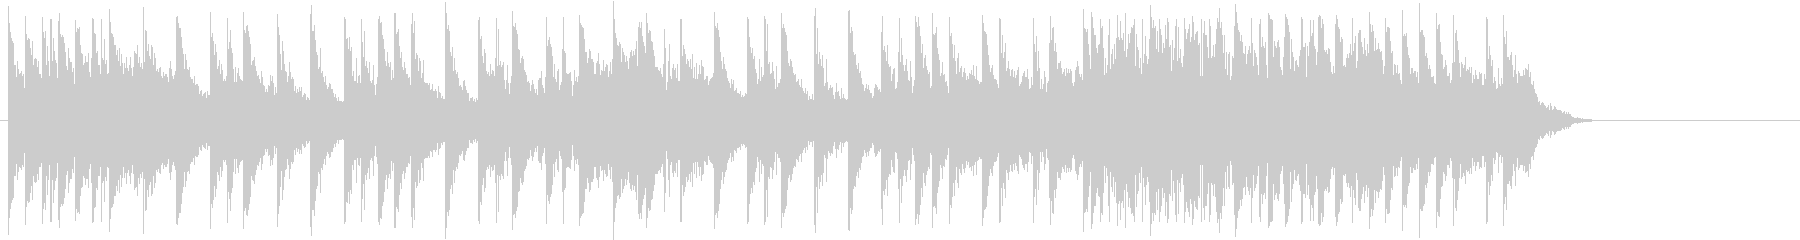 15秒の短いハードロック系ドラムソロの未再生の波形